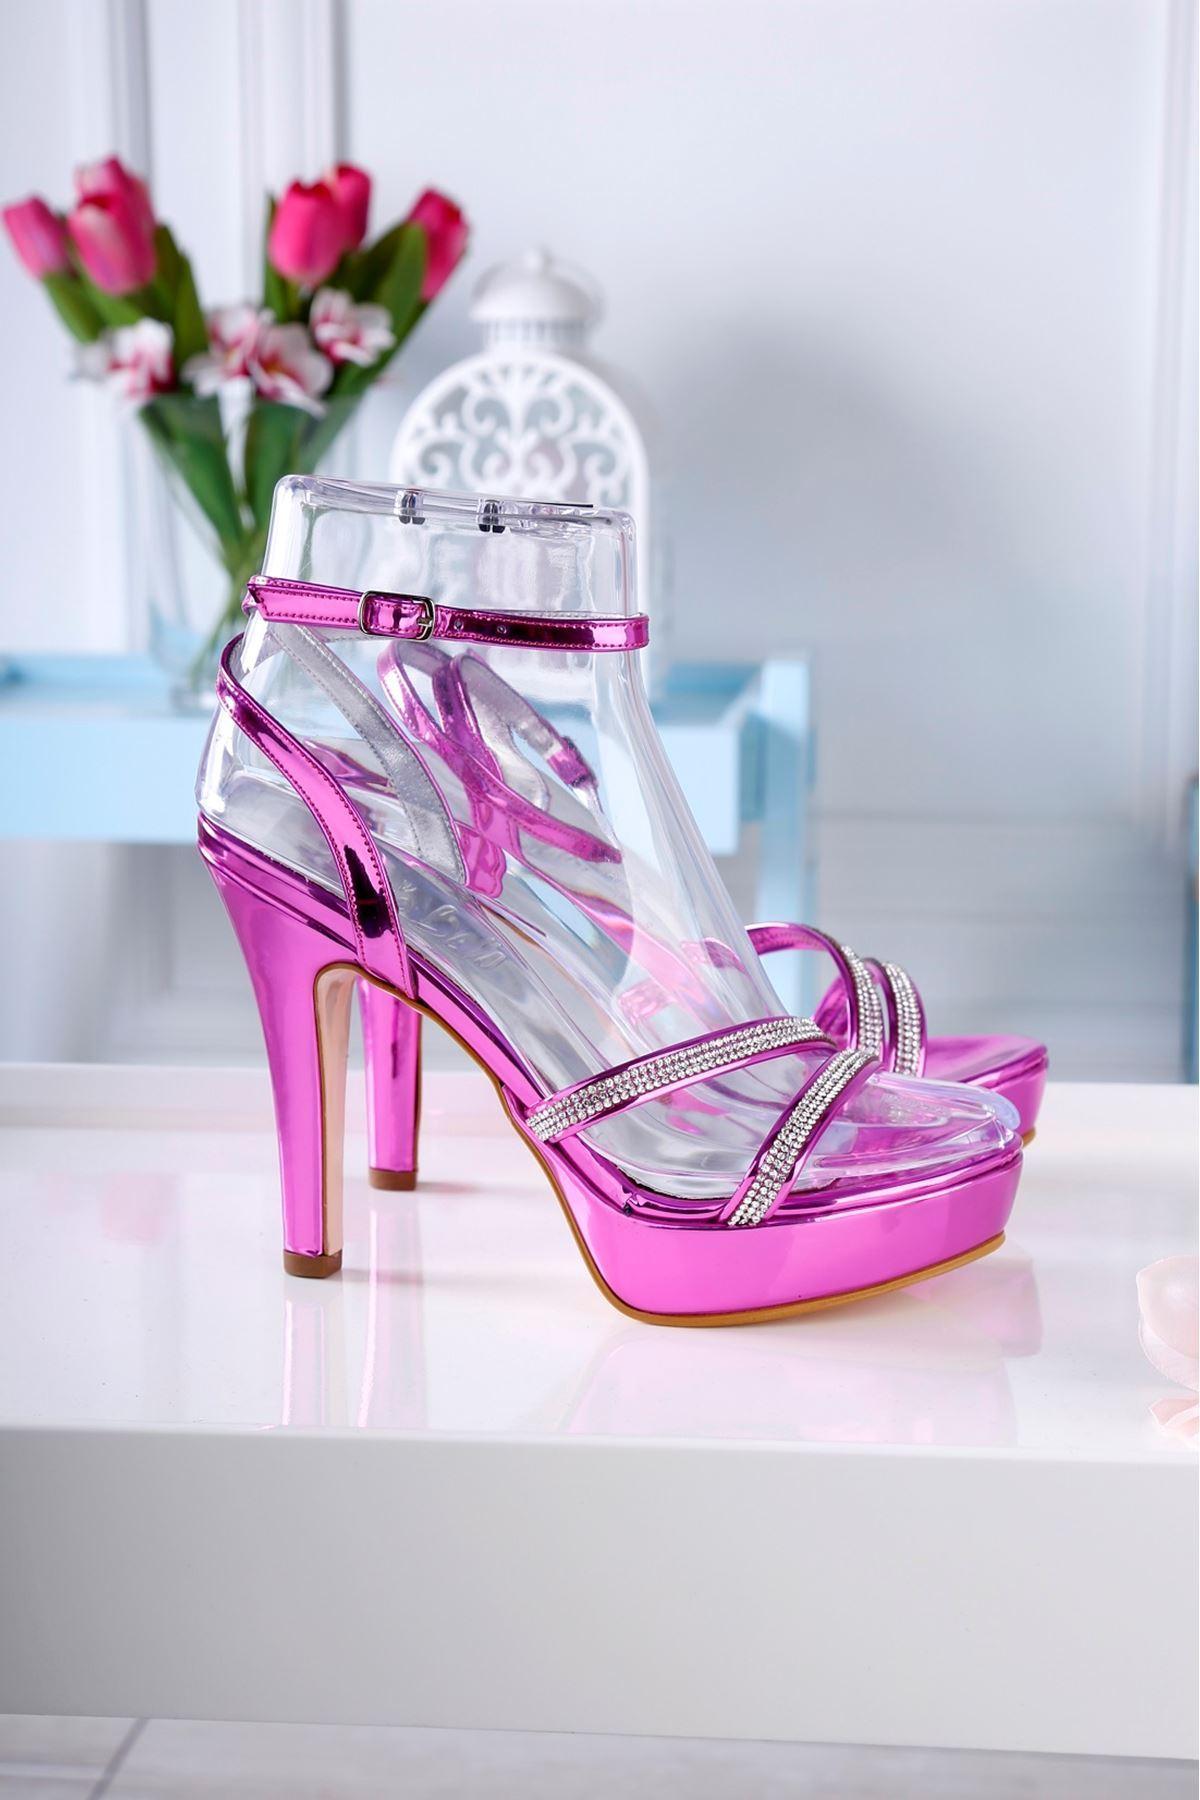 ZALY Mor Taş Kaplama Topuklu Ayakkabı